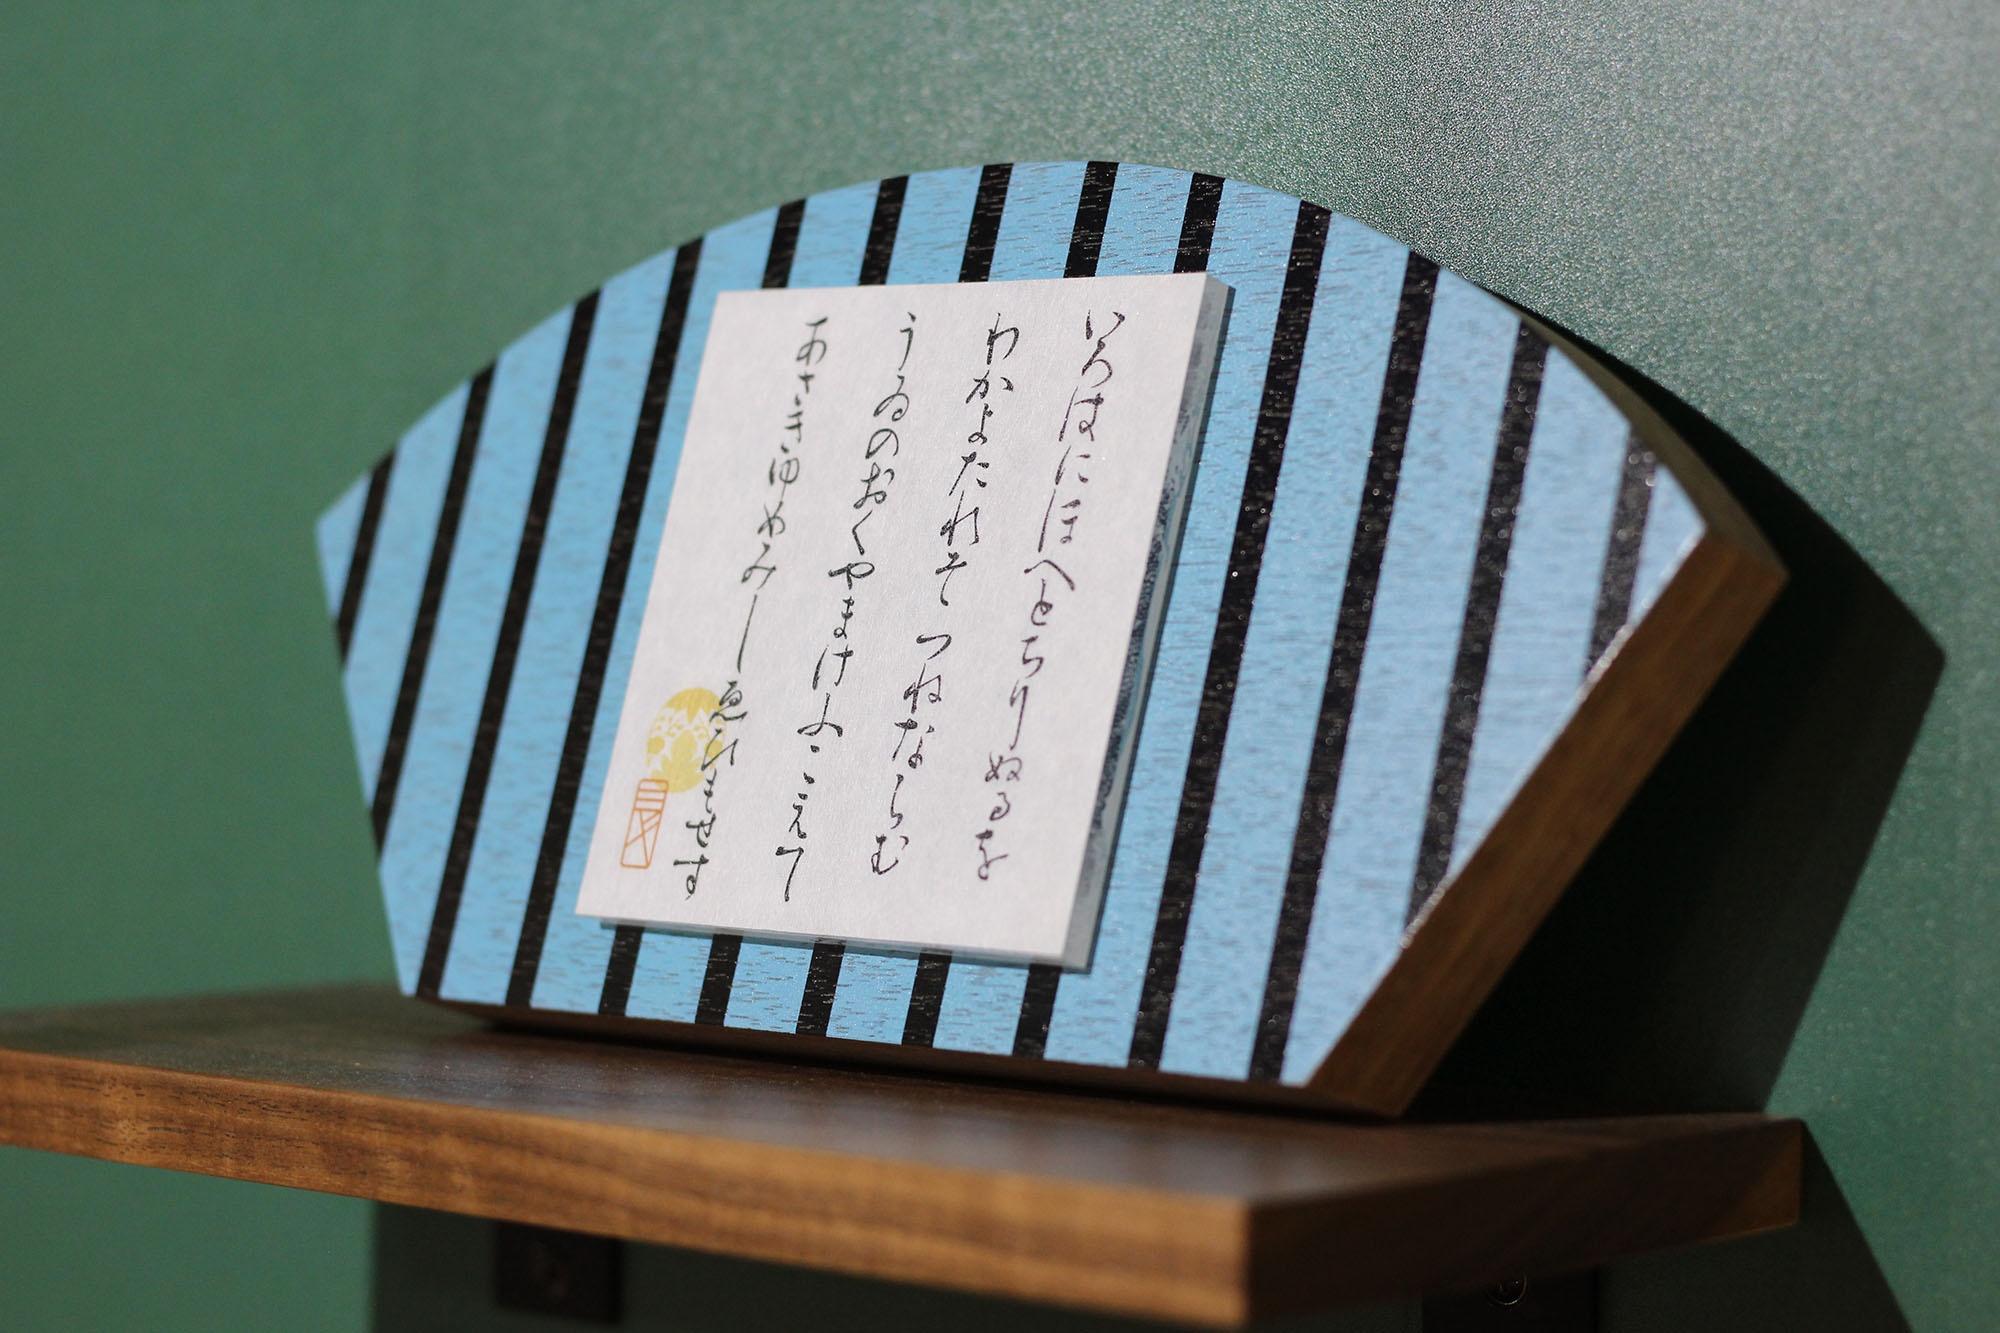 Decorative fan-shaped object